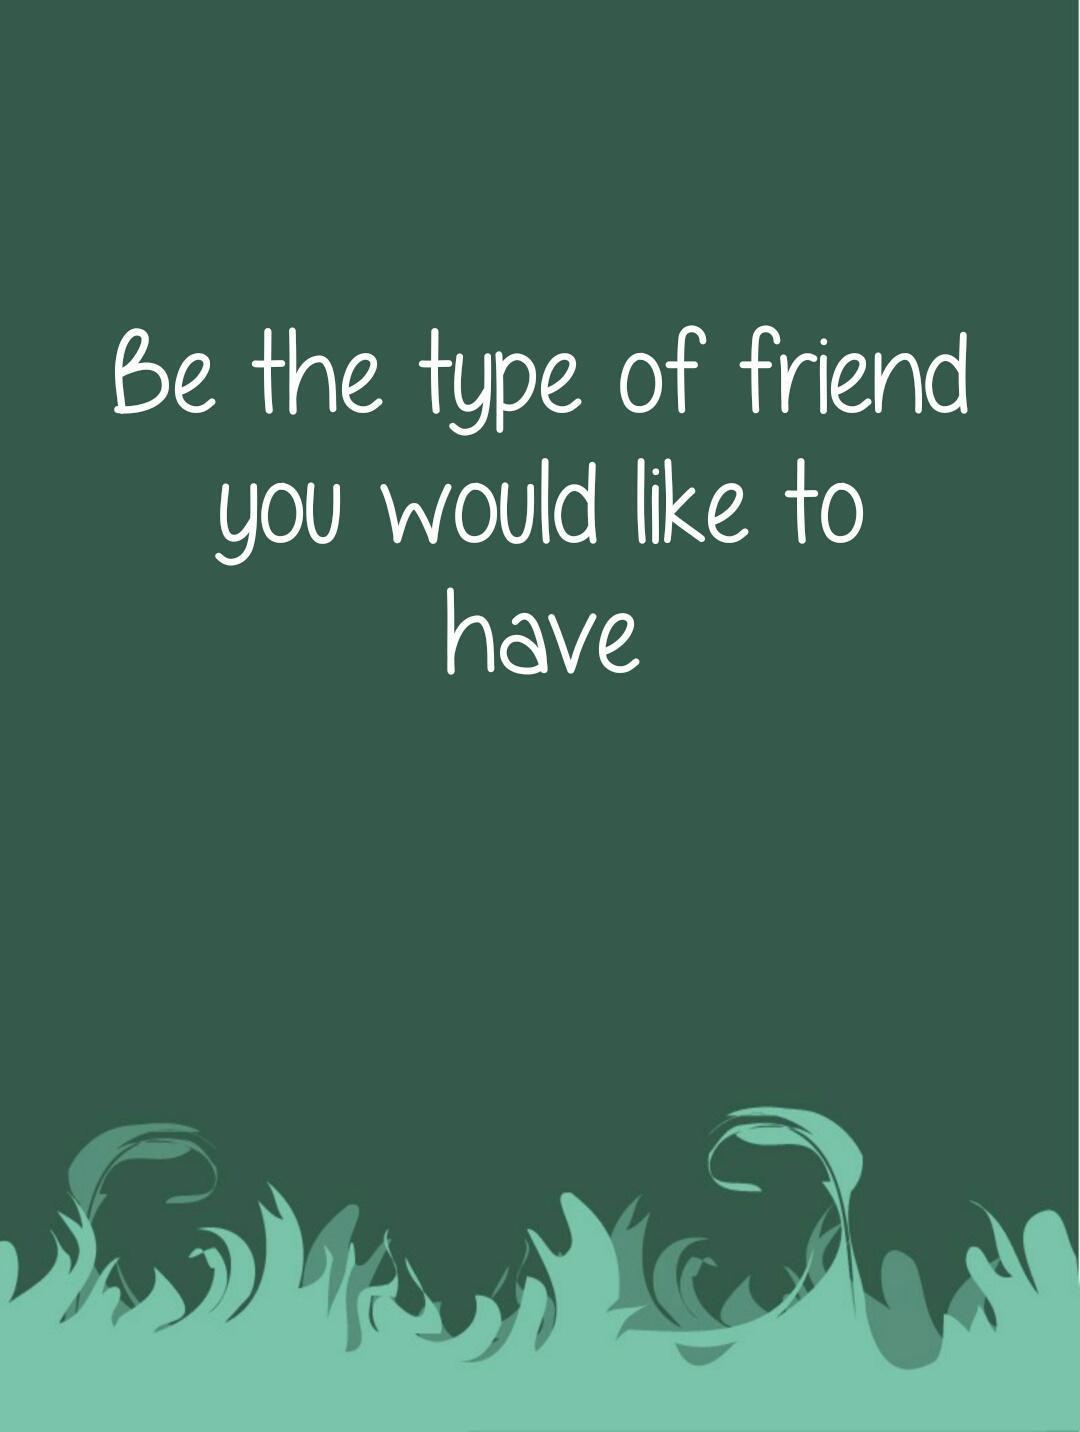 Картинки о дружбе с надписями на английском языке